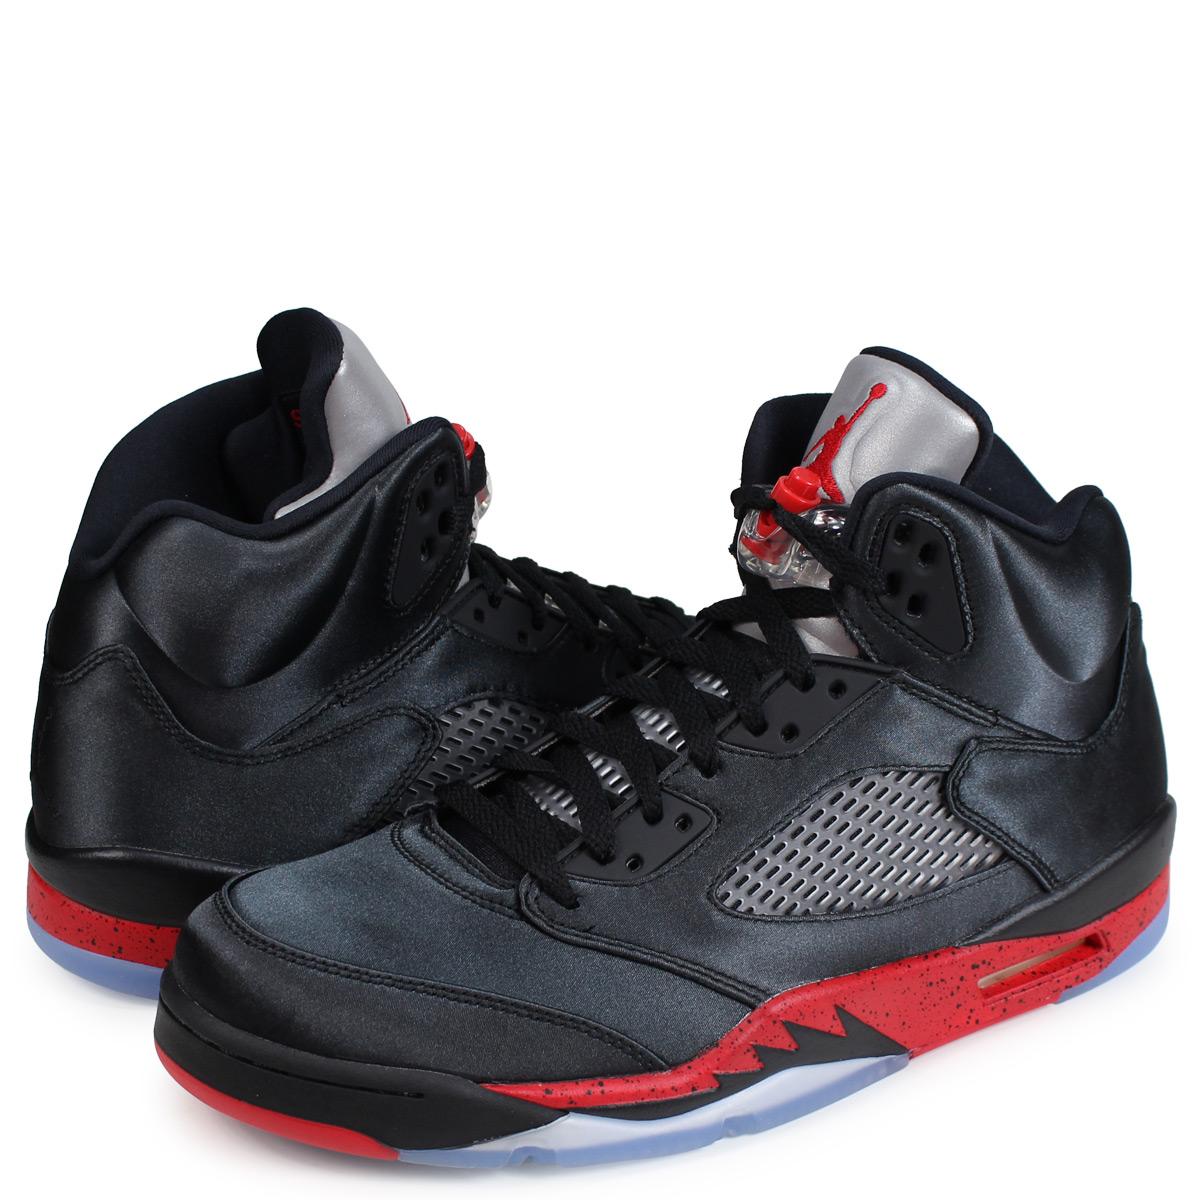 Nike NIKE Jordan 5 nostalgic sneakers men AIR JORDAN 5 RETRO black 136,027 006